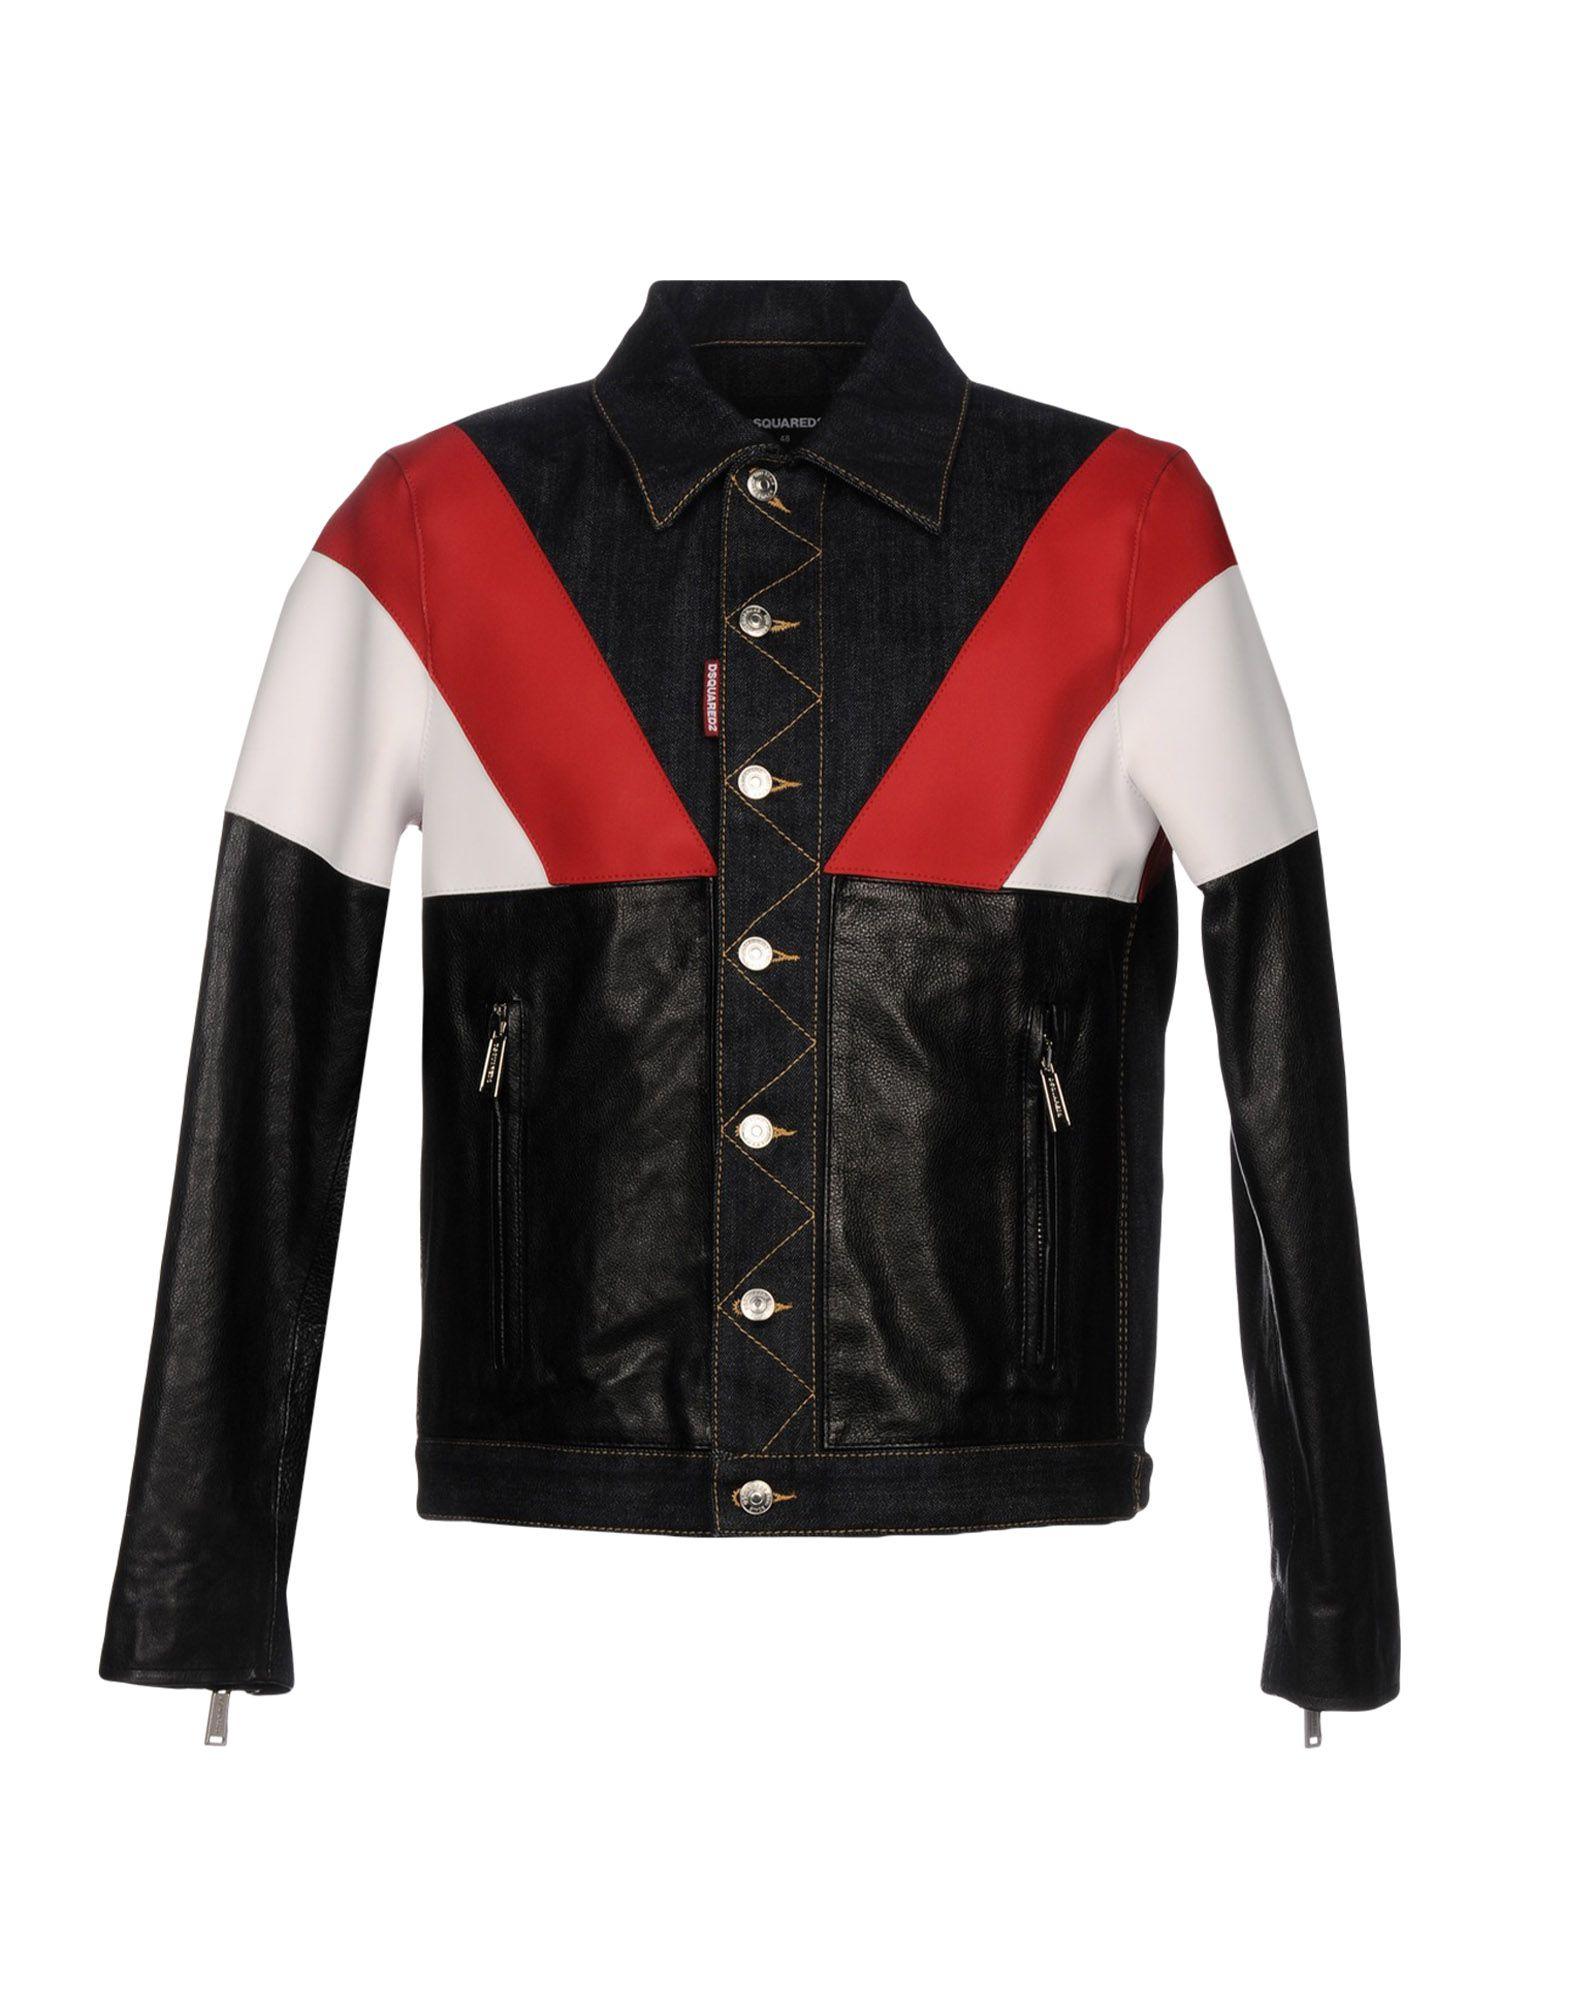 Giubbotto Jeans Dsquared2 Uomo - Acquista online su